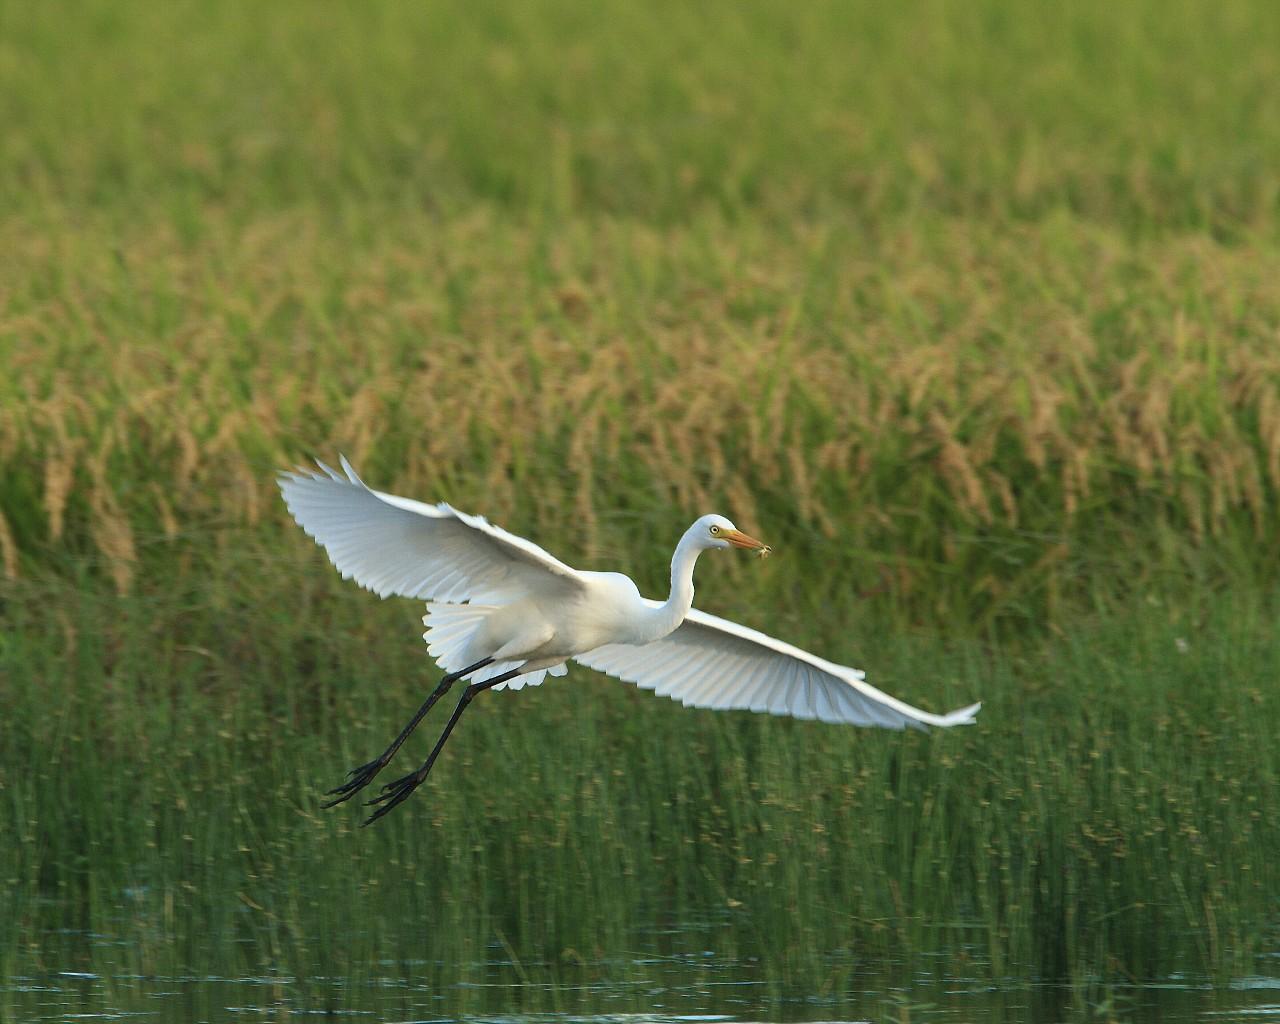 チュウサギの飛翔。背景は豊かに実った稲穂_f0105570_2155162.jpg